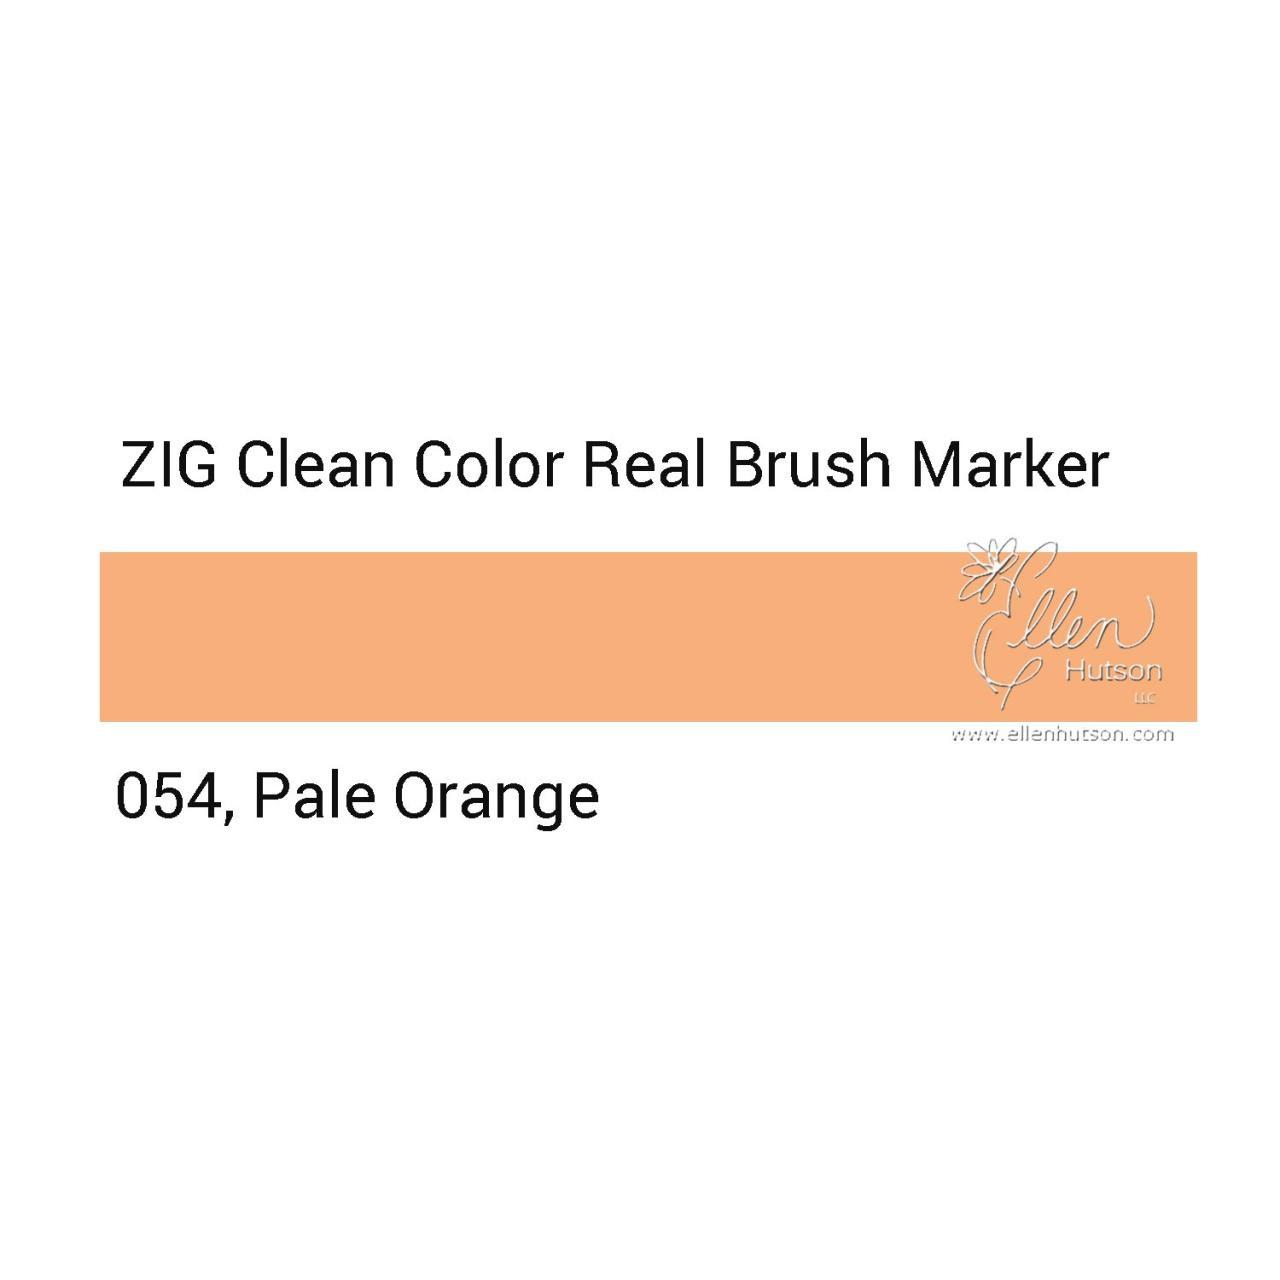 054 - Pale Orange, ZIG Clean Color Real Brush Marker - 847340037064